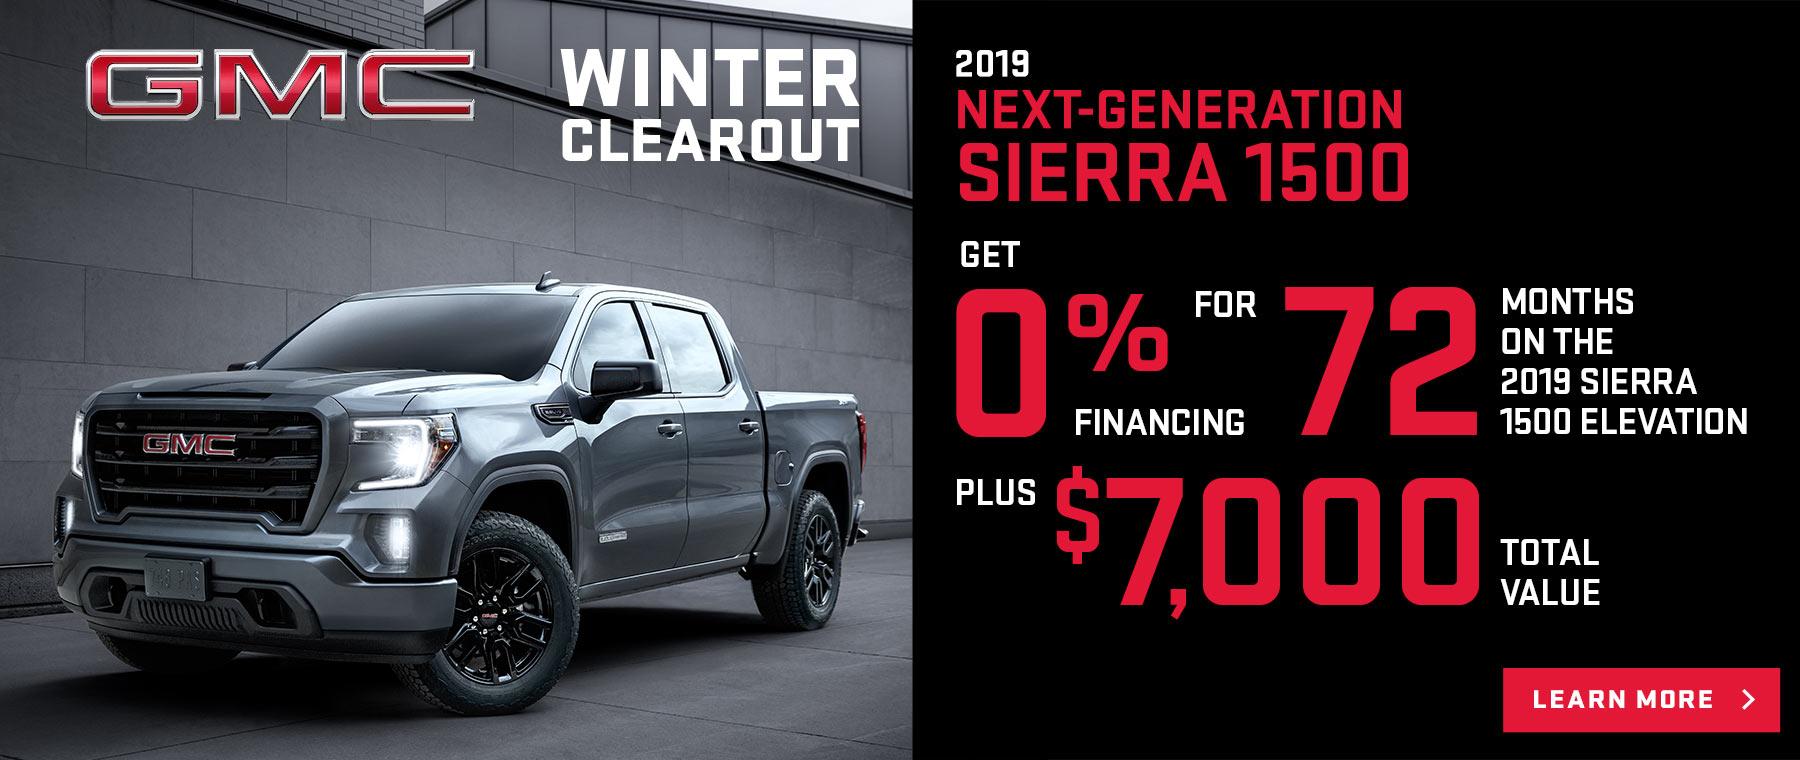 Winter Clearout 2019 Sierra 1500